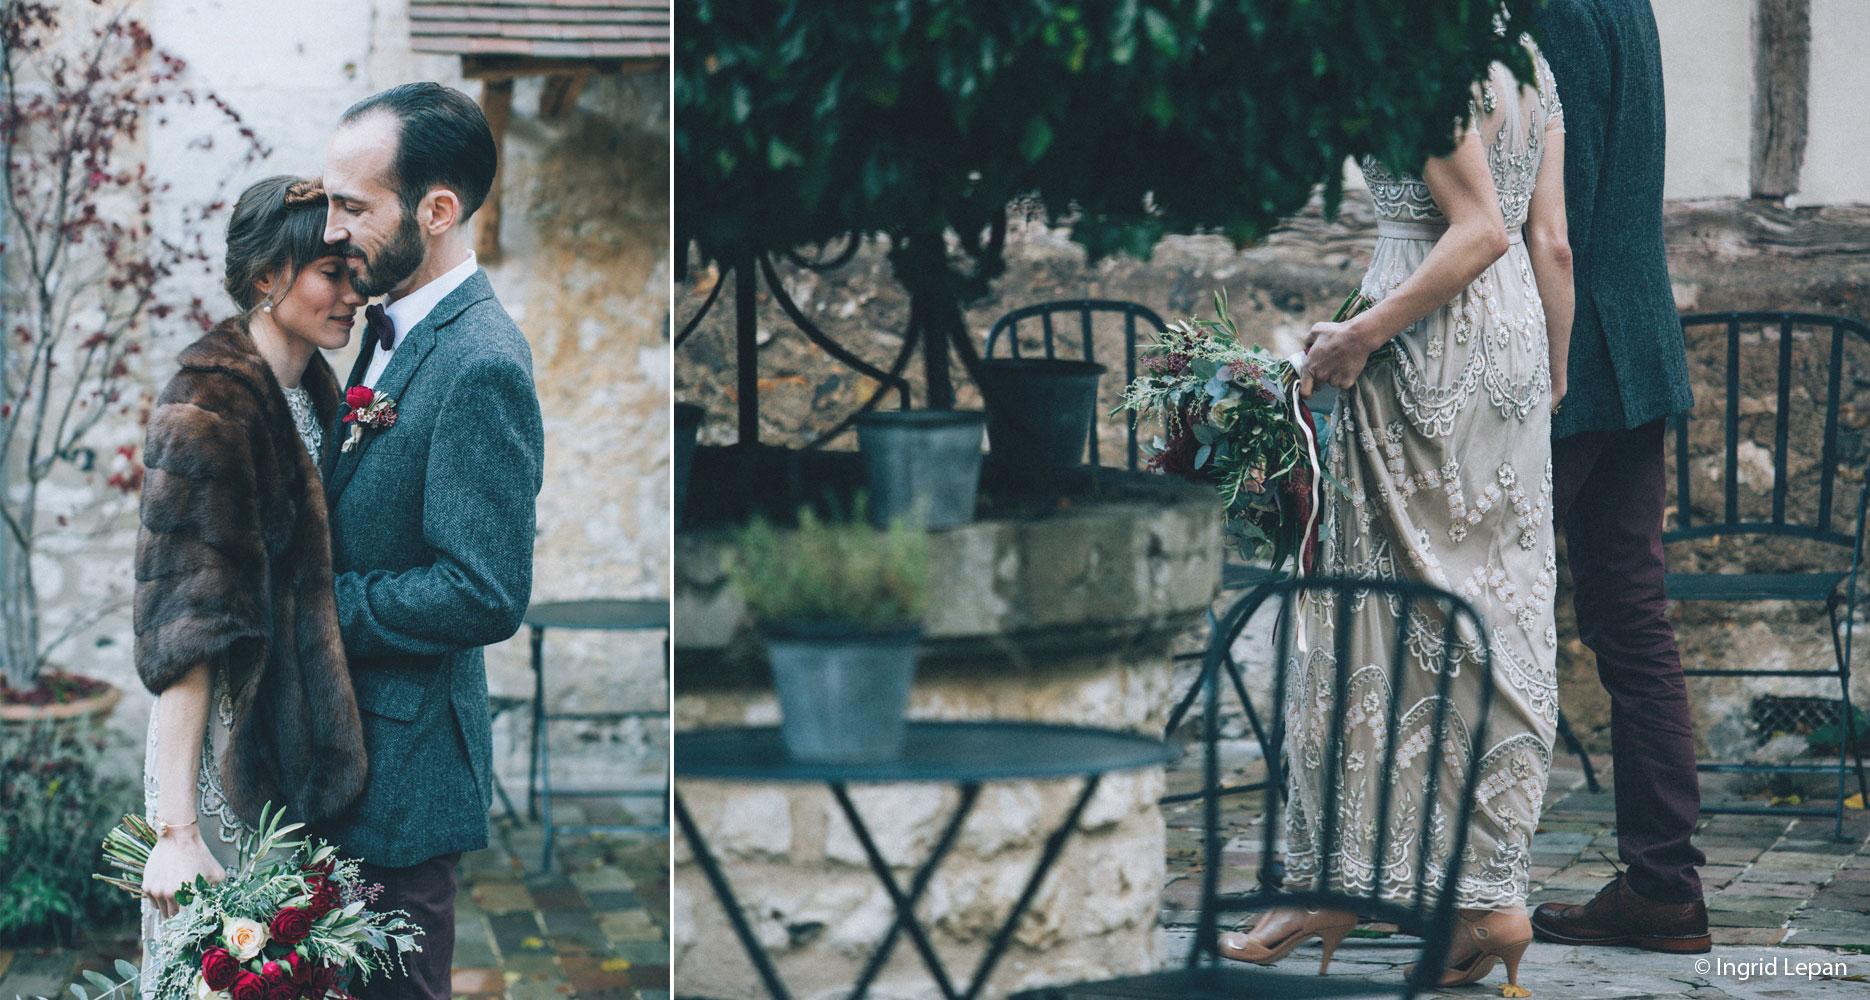 mariage-surprise-hiver-ingridlepan_di